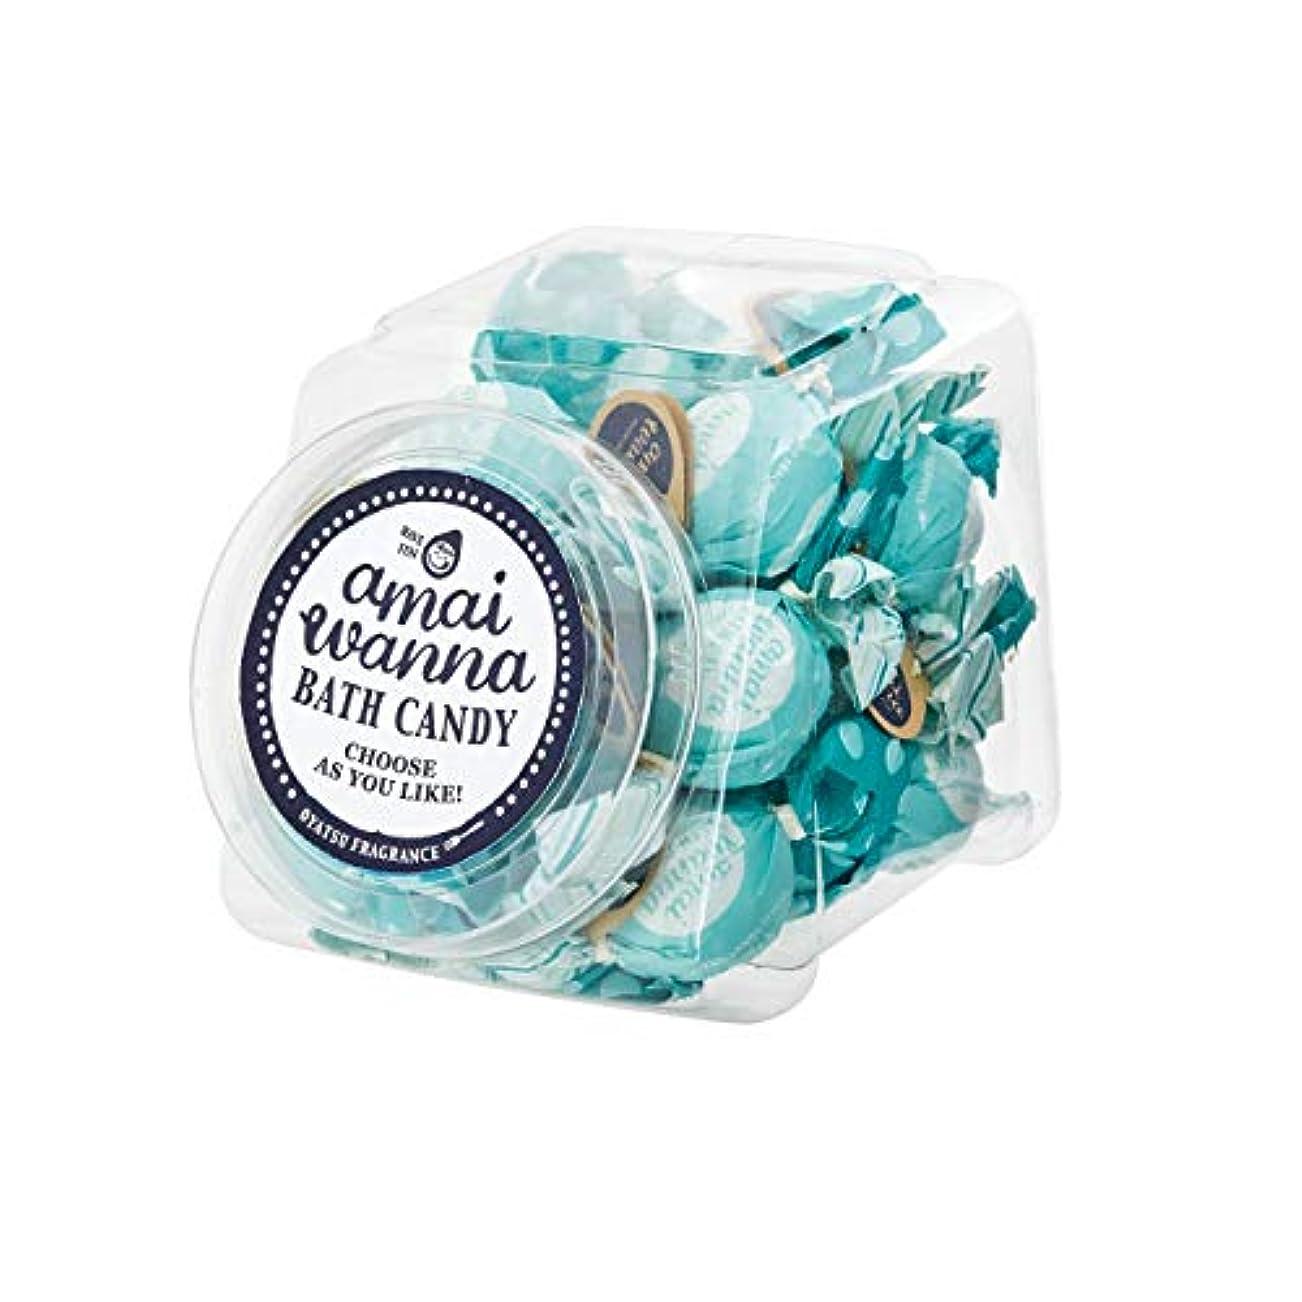 道徳感謝するライムアマイワナSP バスキャンディーポットセット24粒入り(おはようミント バスギフト キャンディーの形の入浴料 大人可愛い)